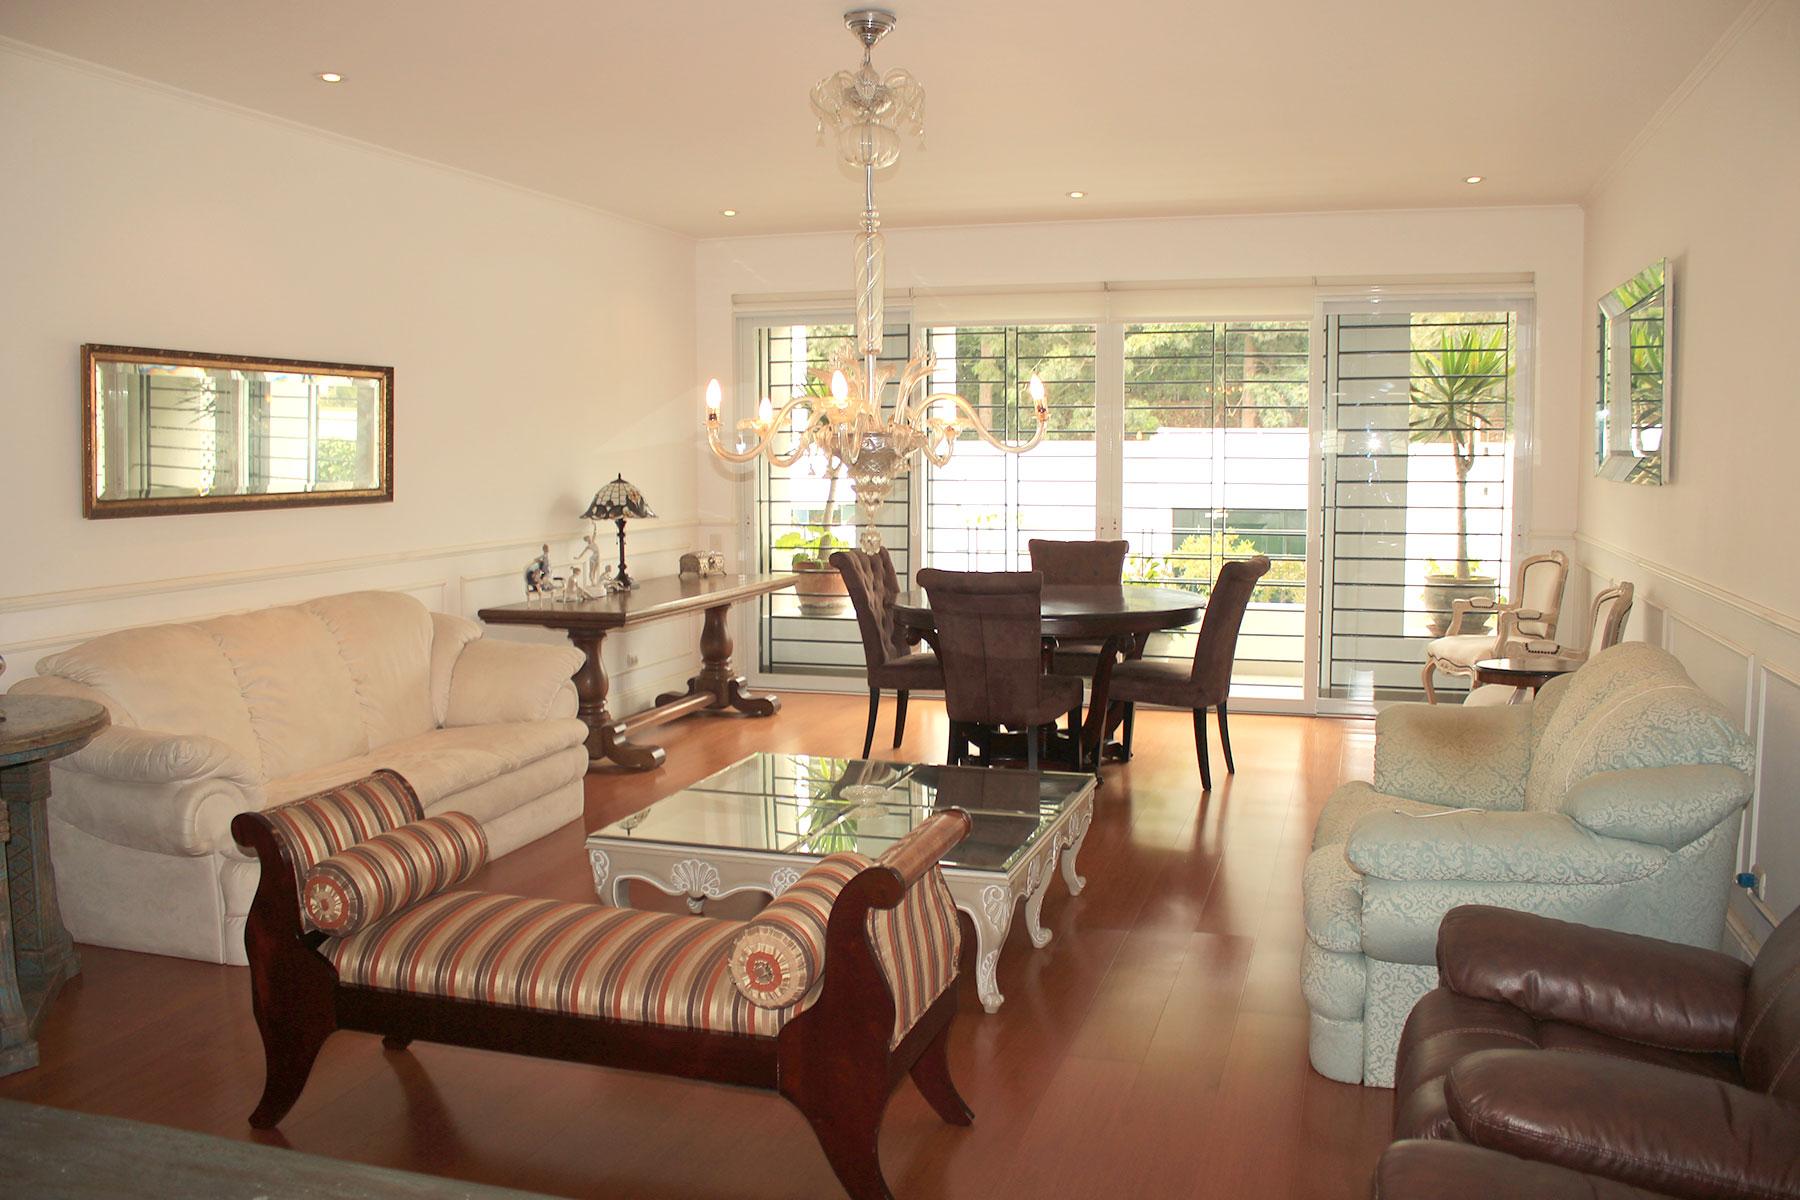 Apartment for Sale at Exclusivo Departamento del Arquitecto Mario Lara Av. Nicolas de Ribera San Isidro, Lima, 27 Peru